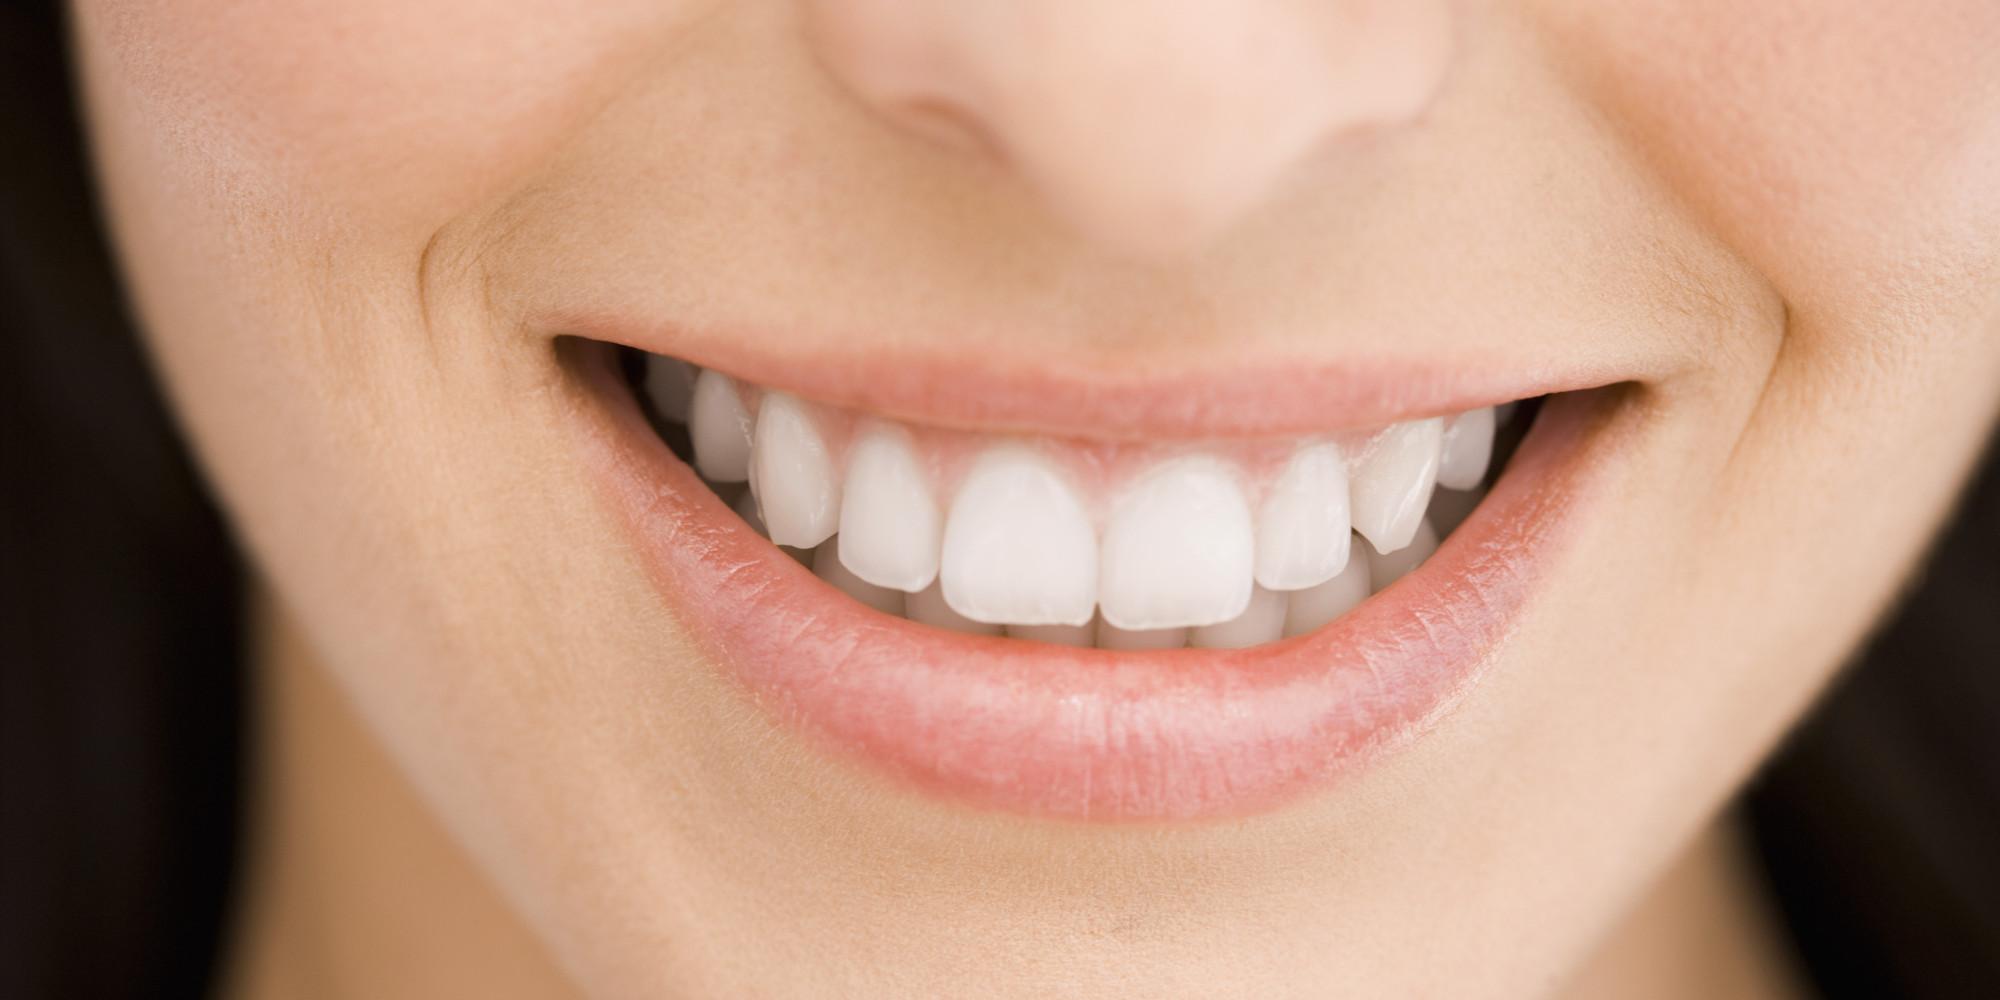 Rüyada Diş Kopması Ve Kanaması Görmek Ne Demek